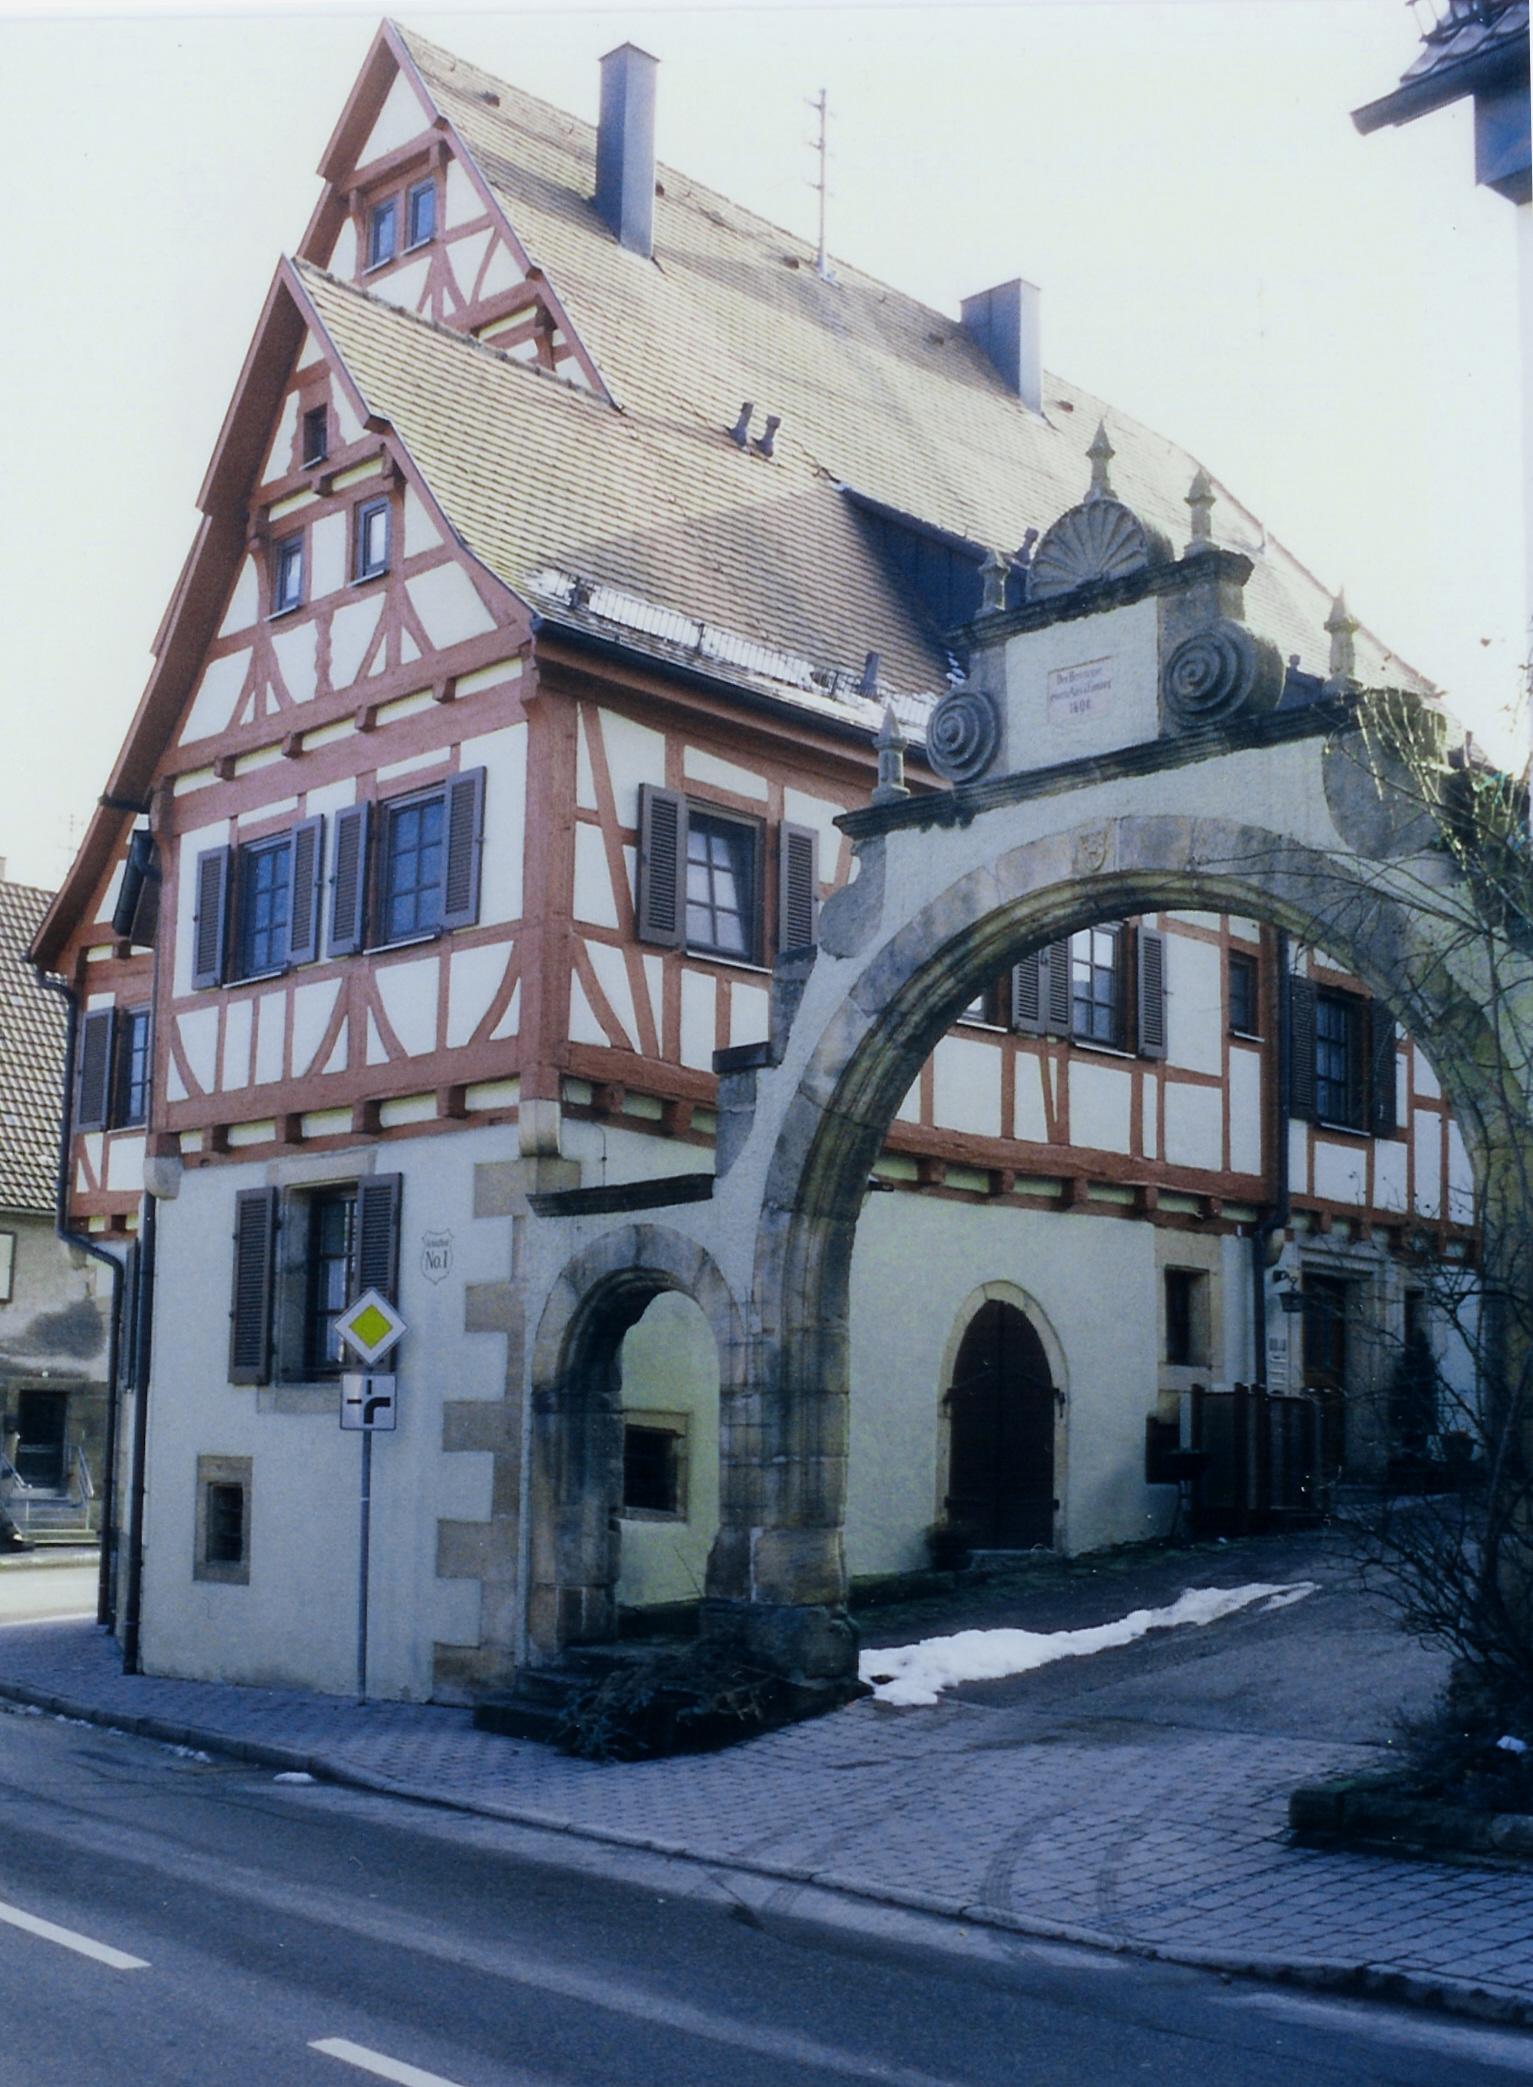 File:Schlosshof Torbogen.jpg - Wikimedia Commons